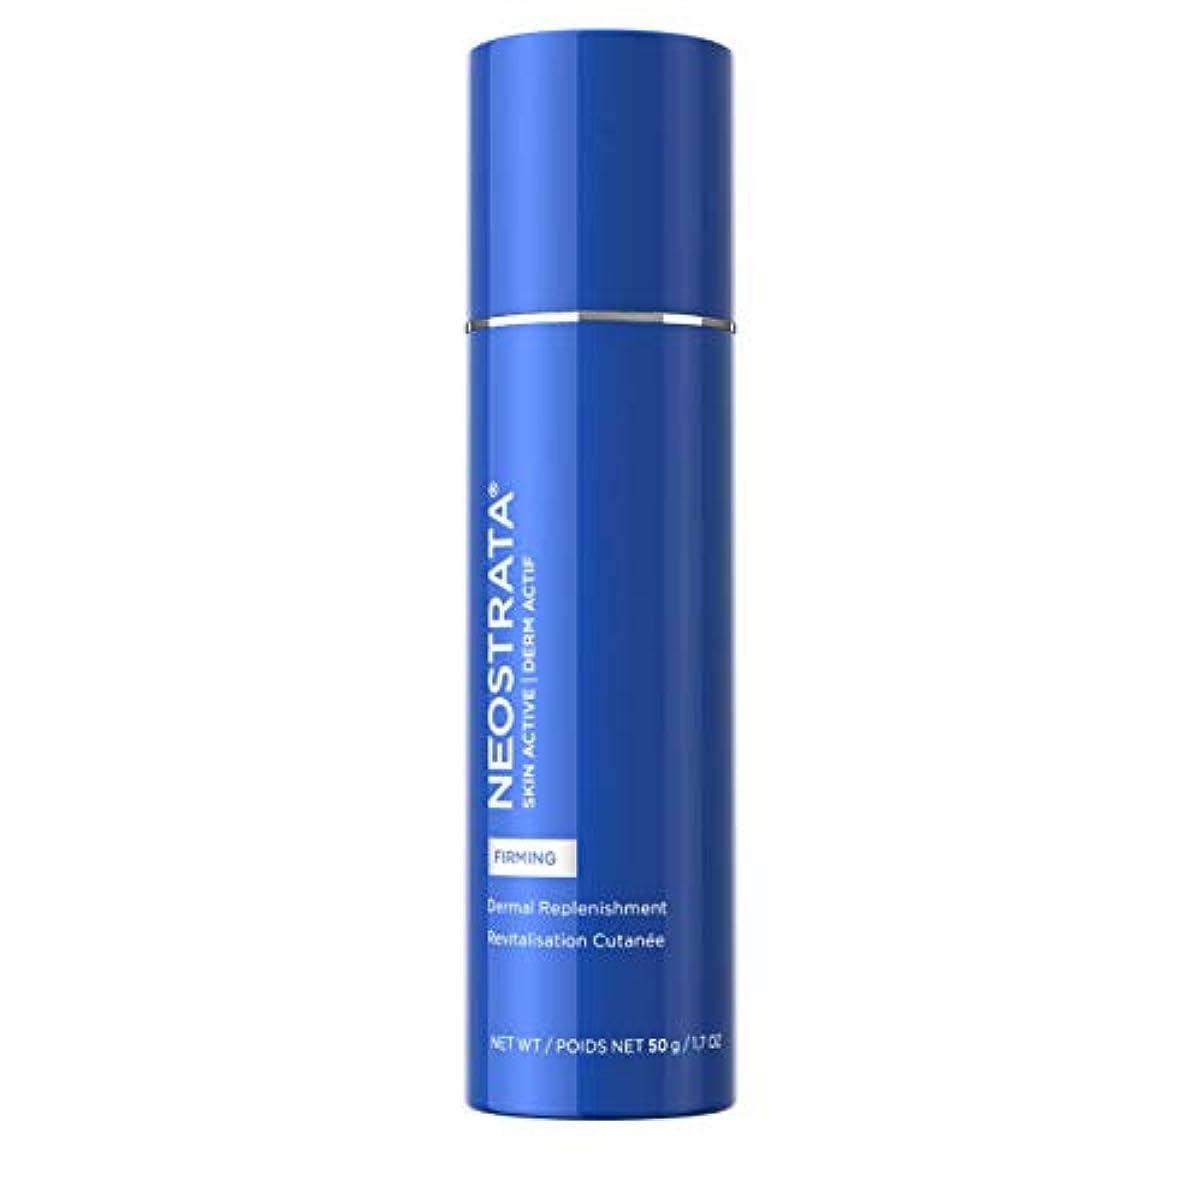 悪党勤勉な誇りネオストラータ Skin Active Derm Actif Firming - Dermal Replenishment Natural Moisturizing Factor Concentrate 50g/0.17oz...